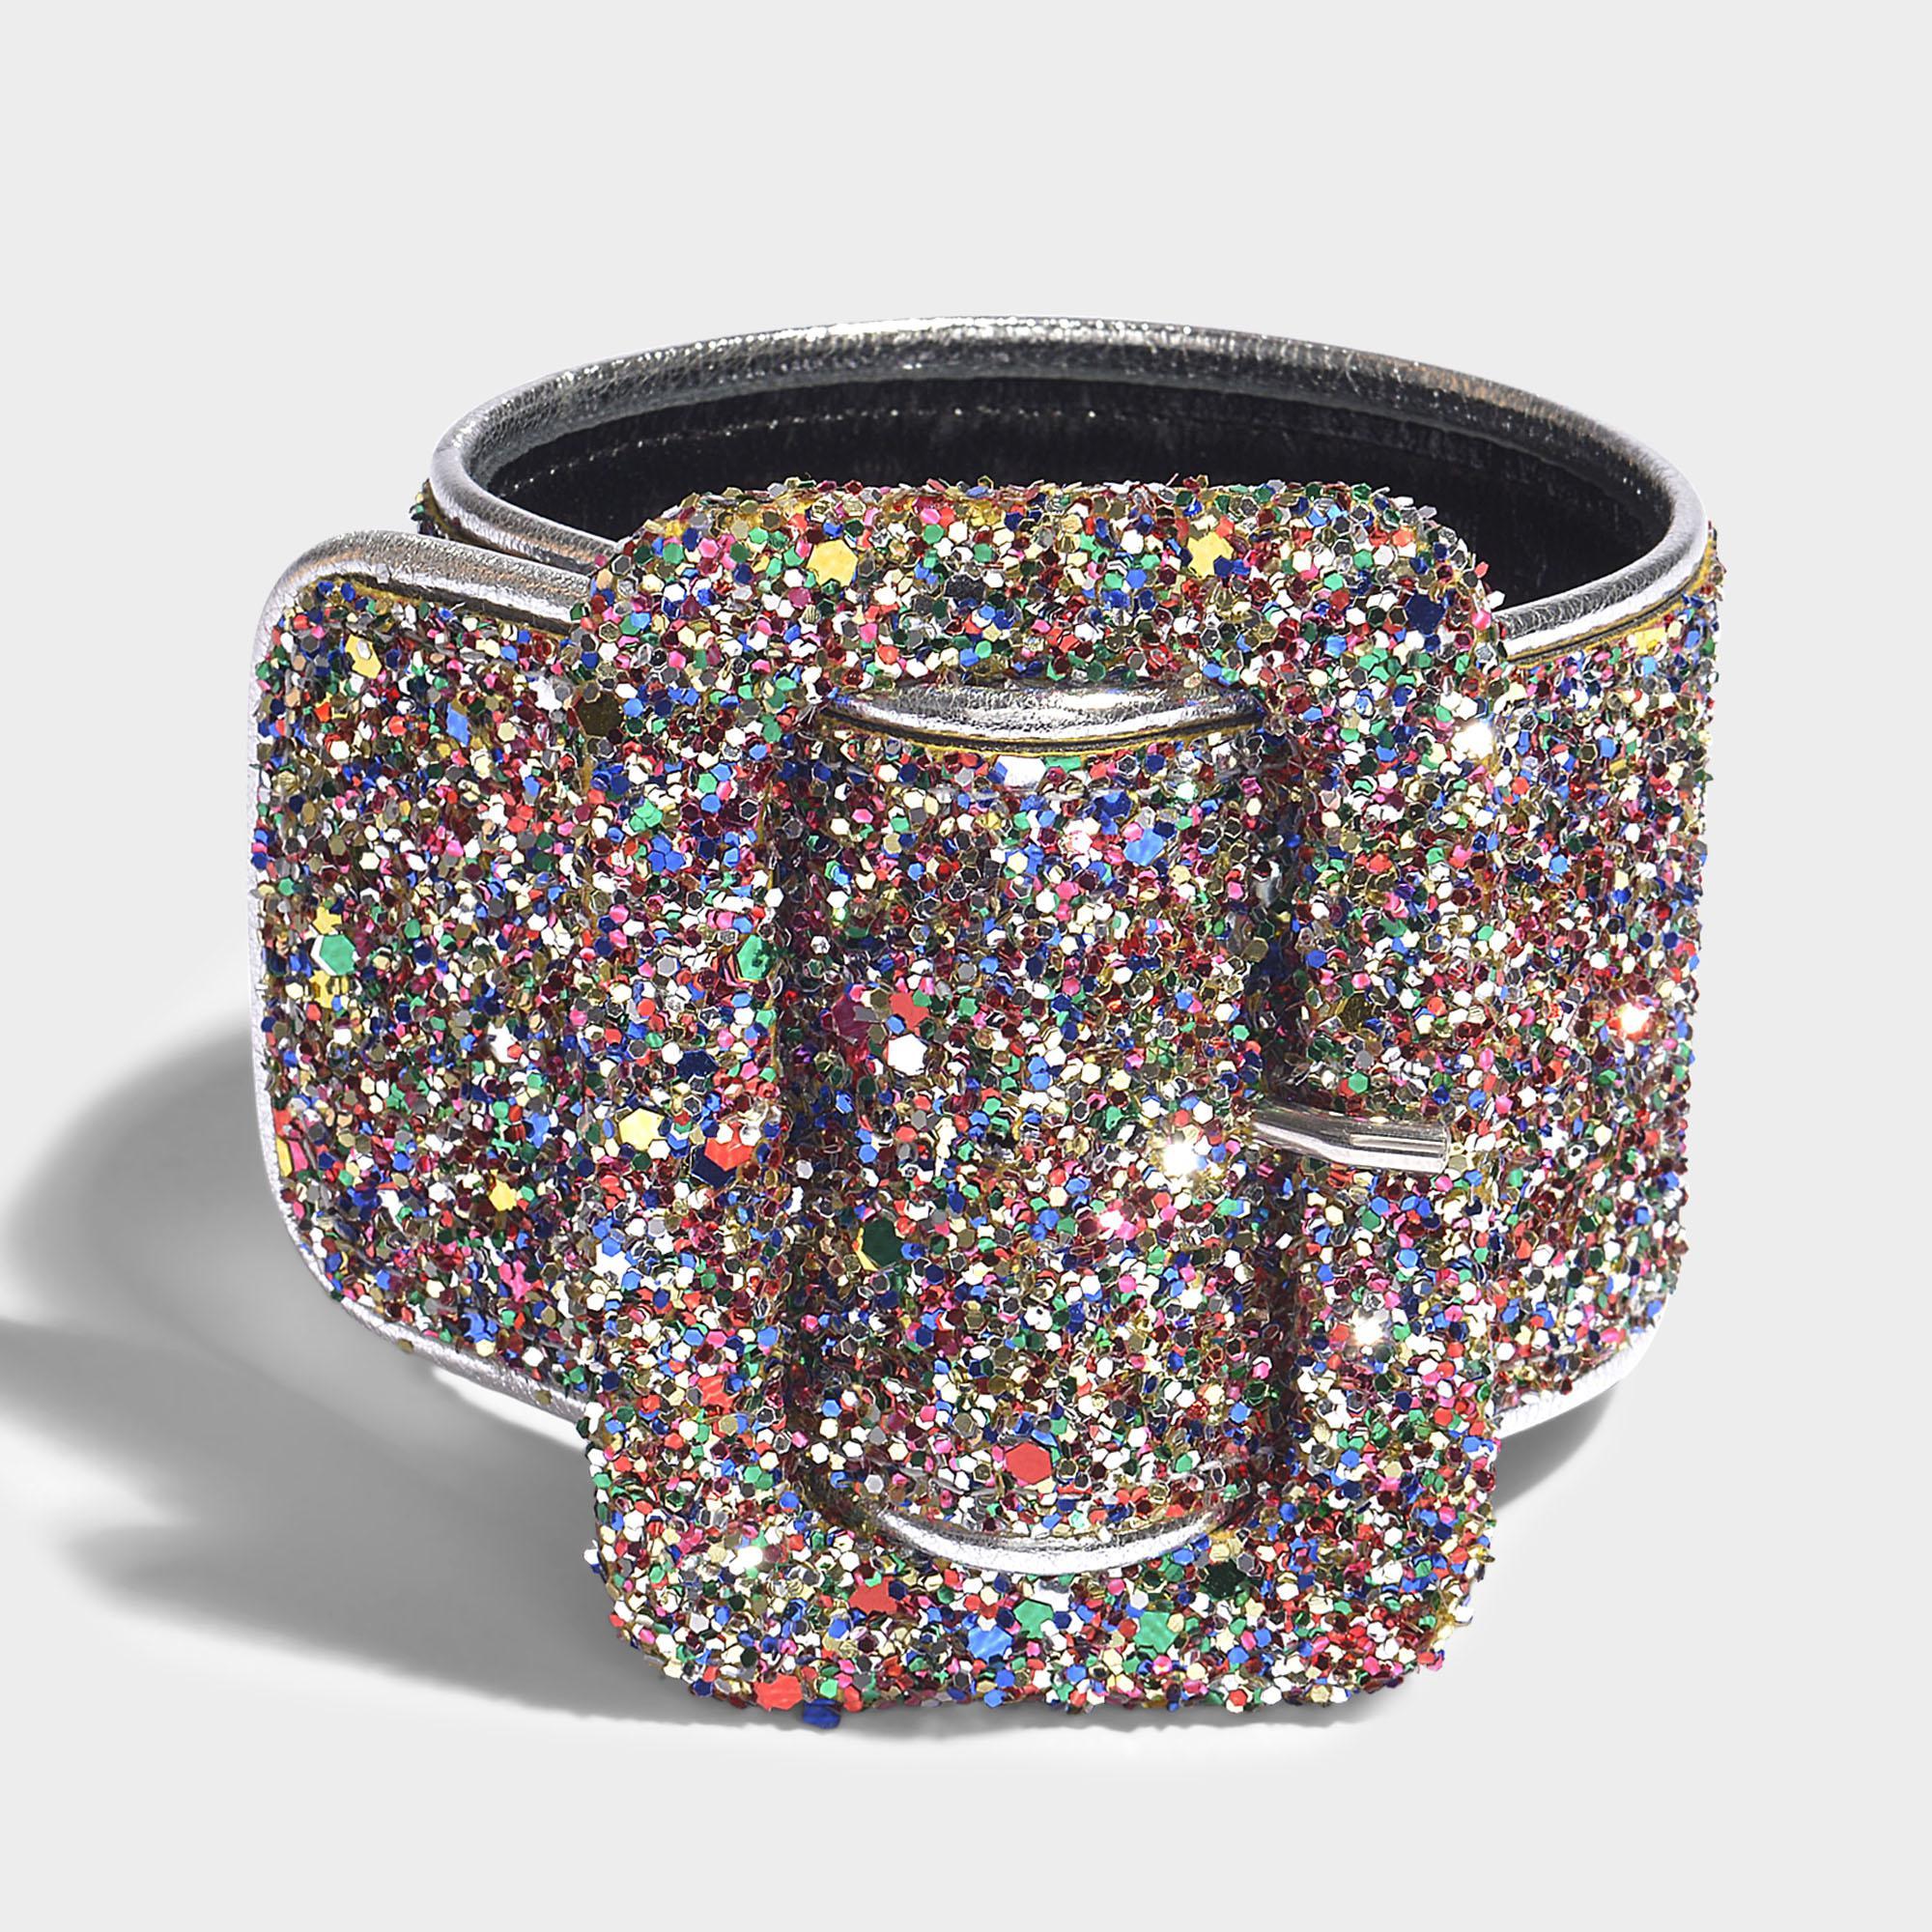 En Cuir Bracelet De Cheville Paillettes Multicolores Attico 48IgTAV5Bg